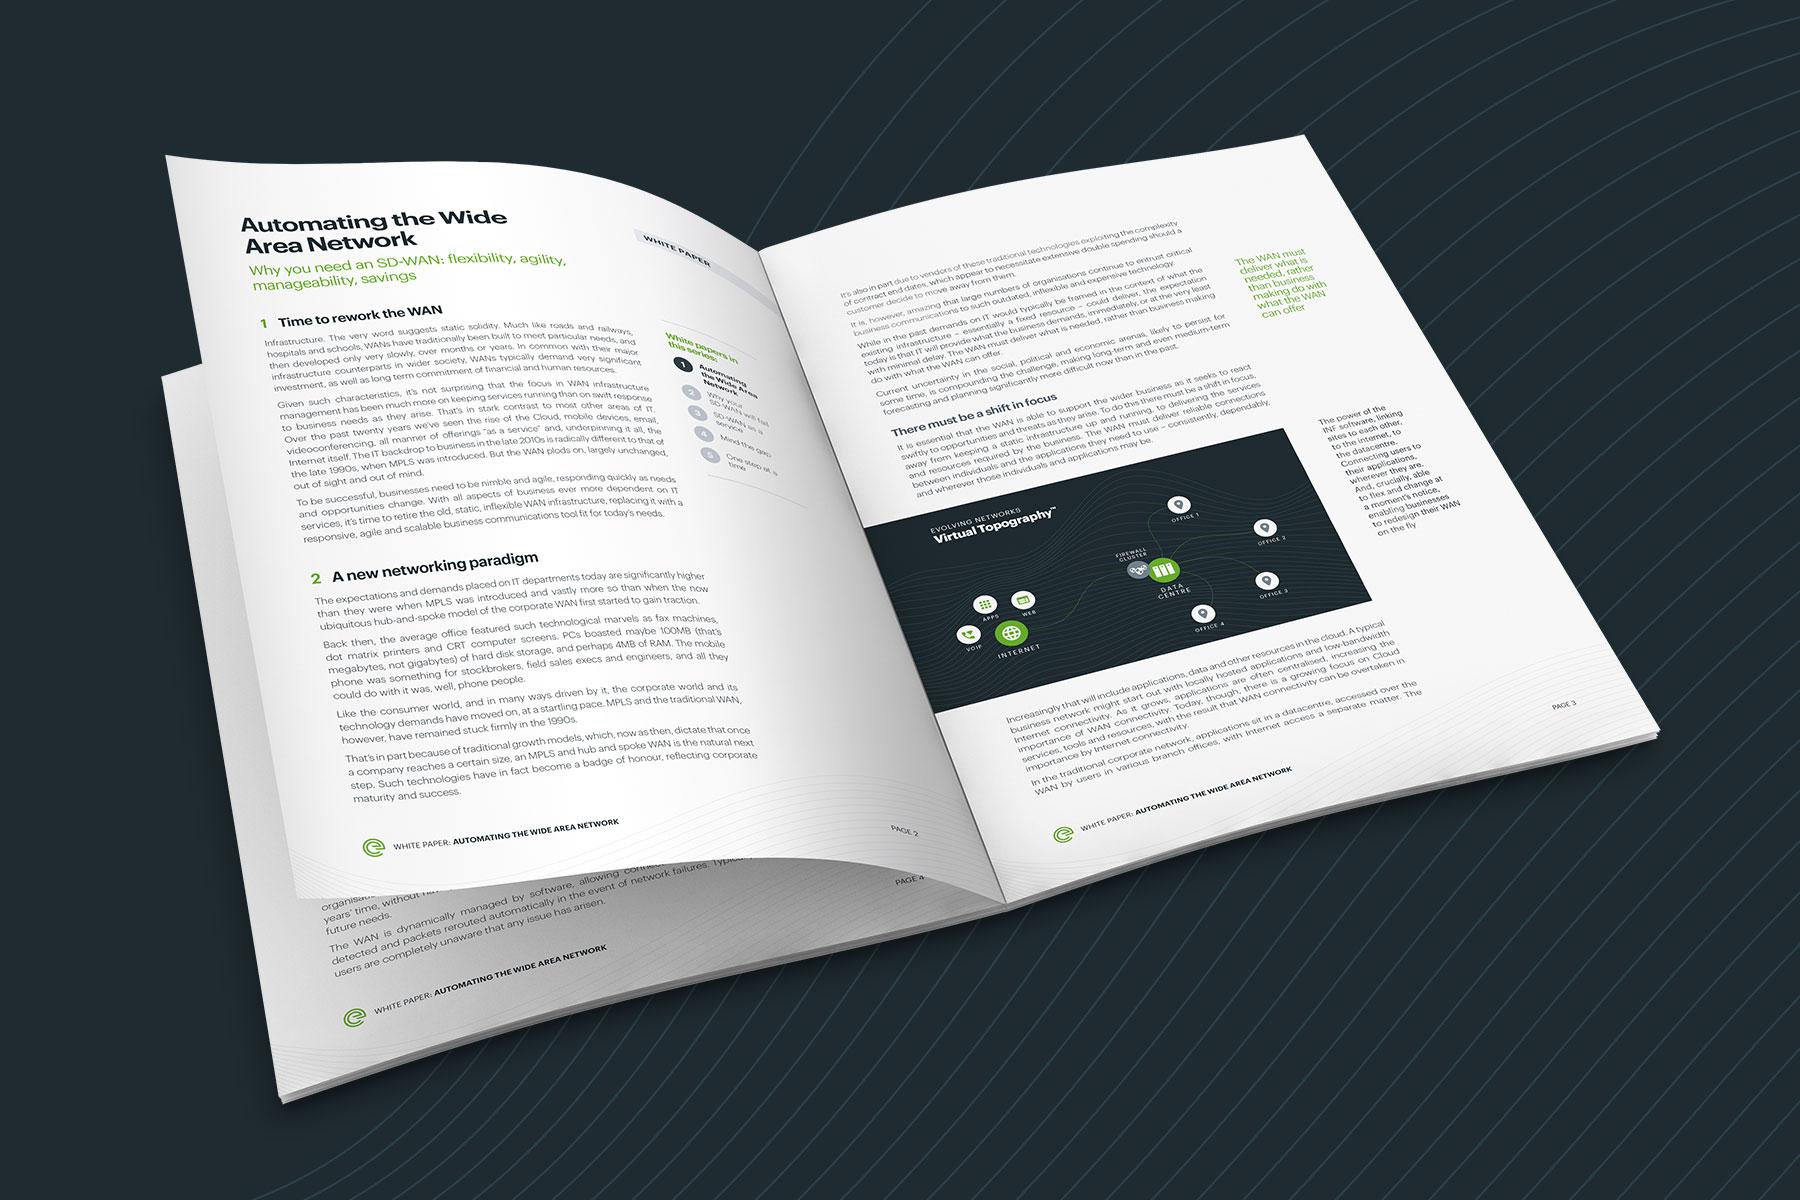 Evolving Networks Branding - White Paper